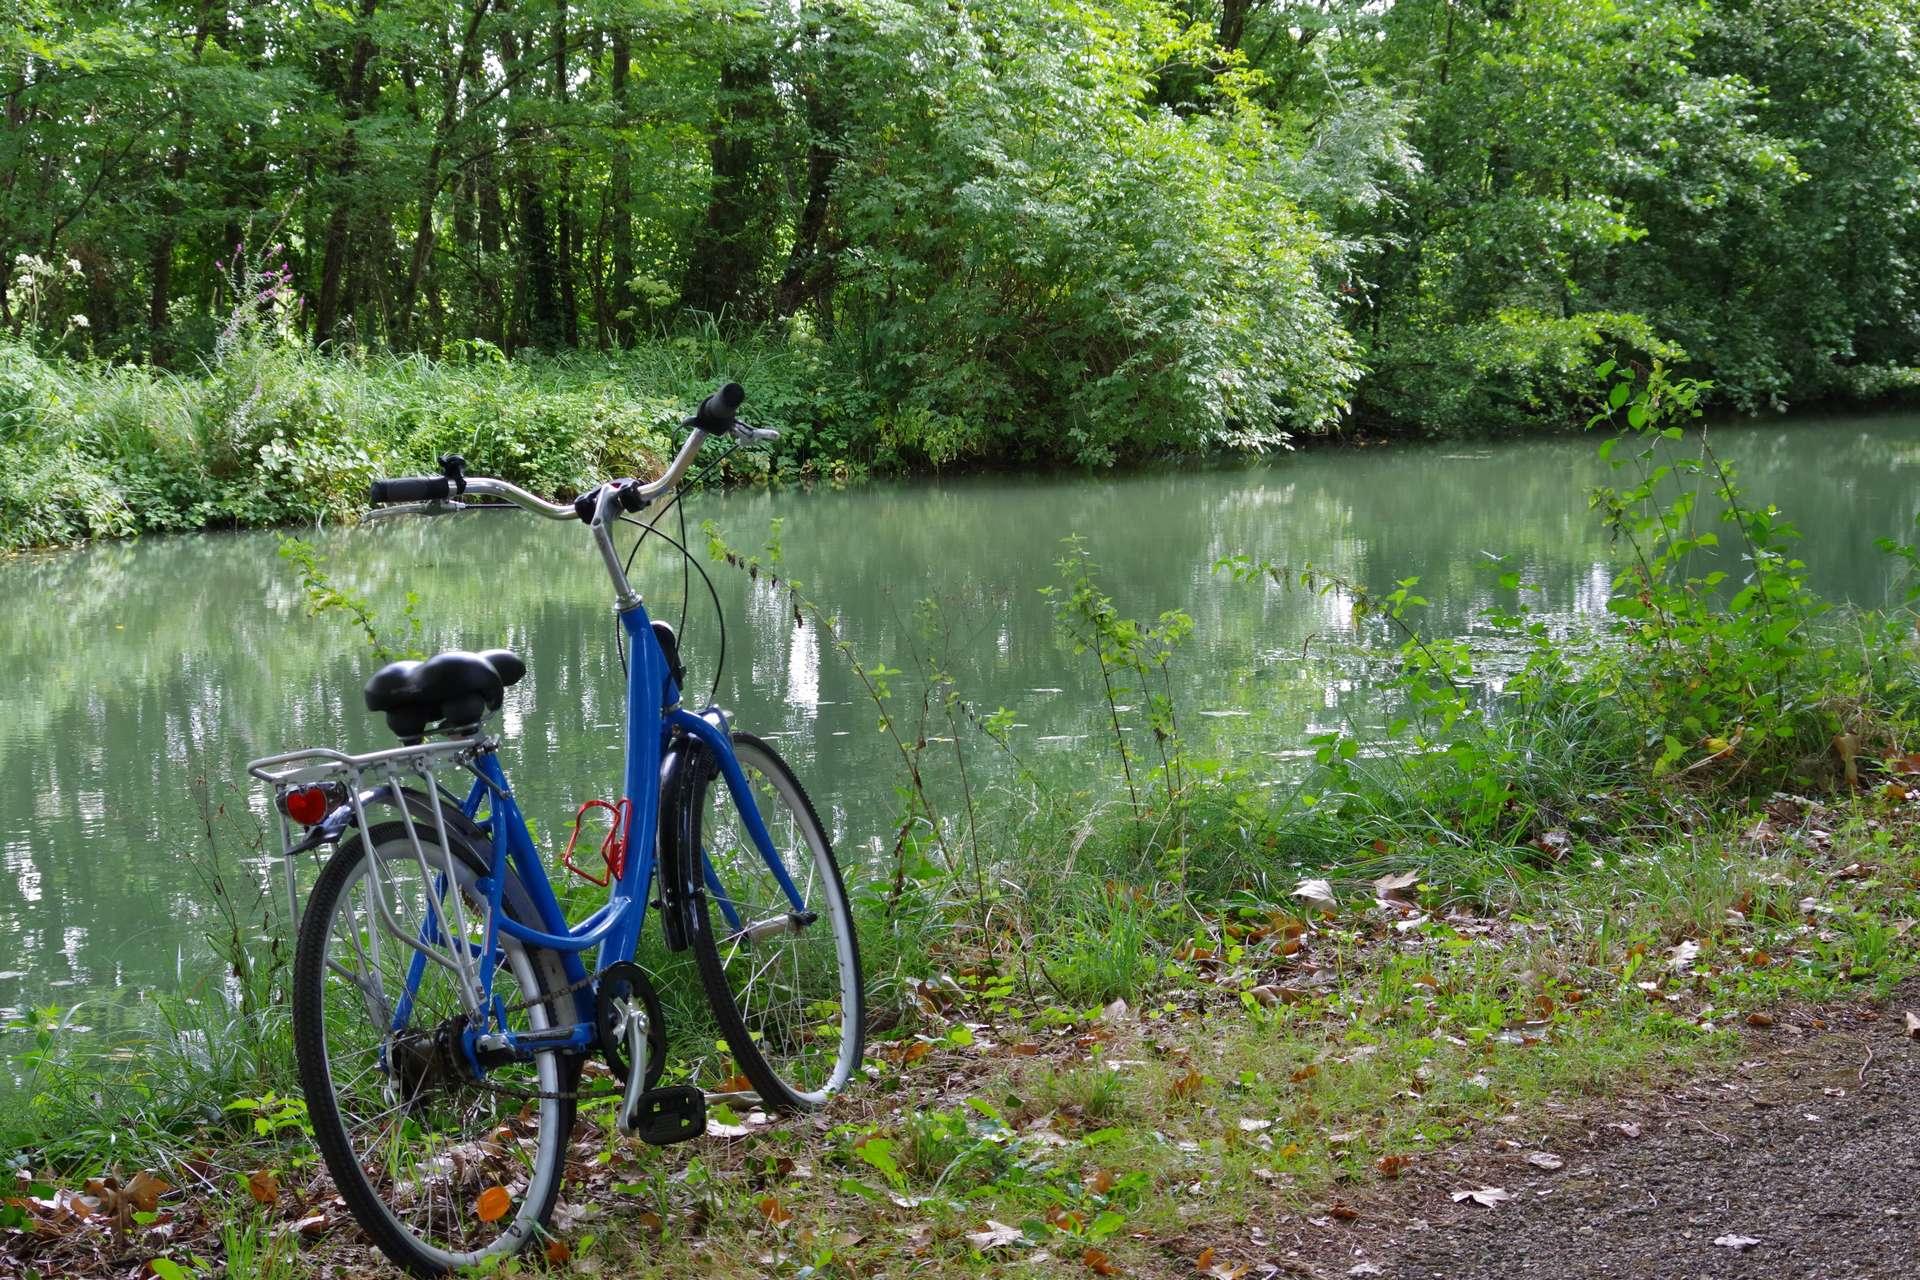 loue ton vélo au bord du canal pour une journée dans la nature